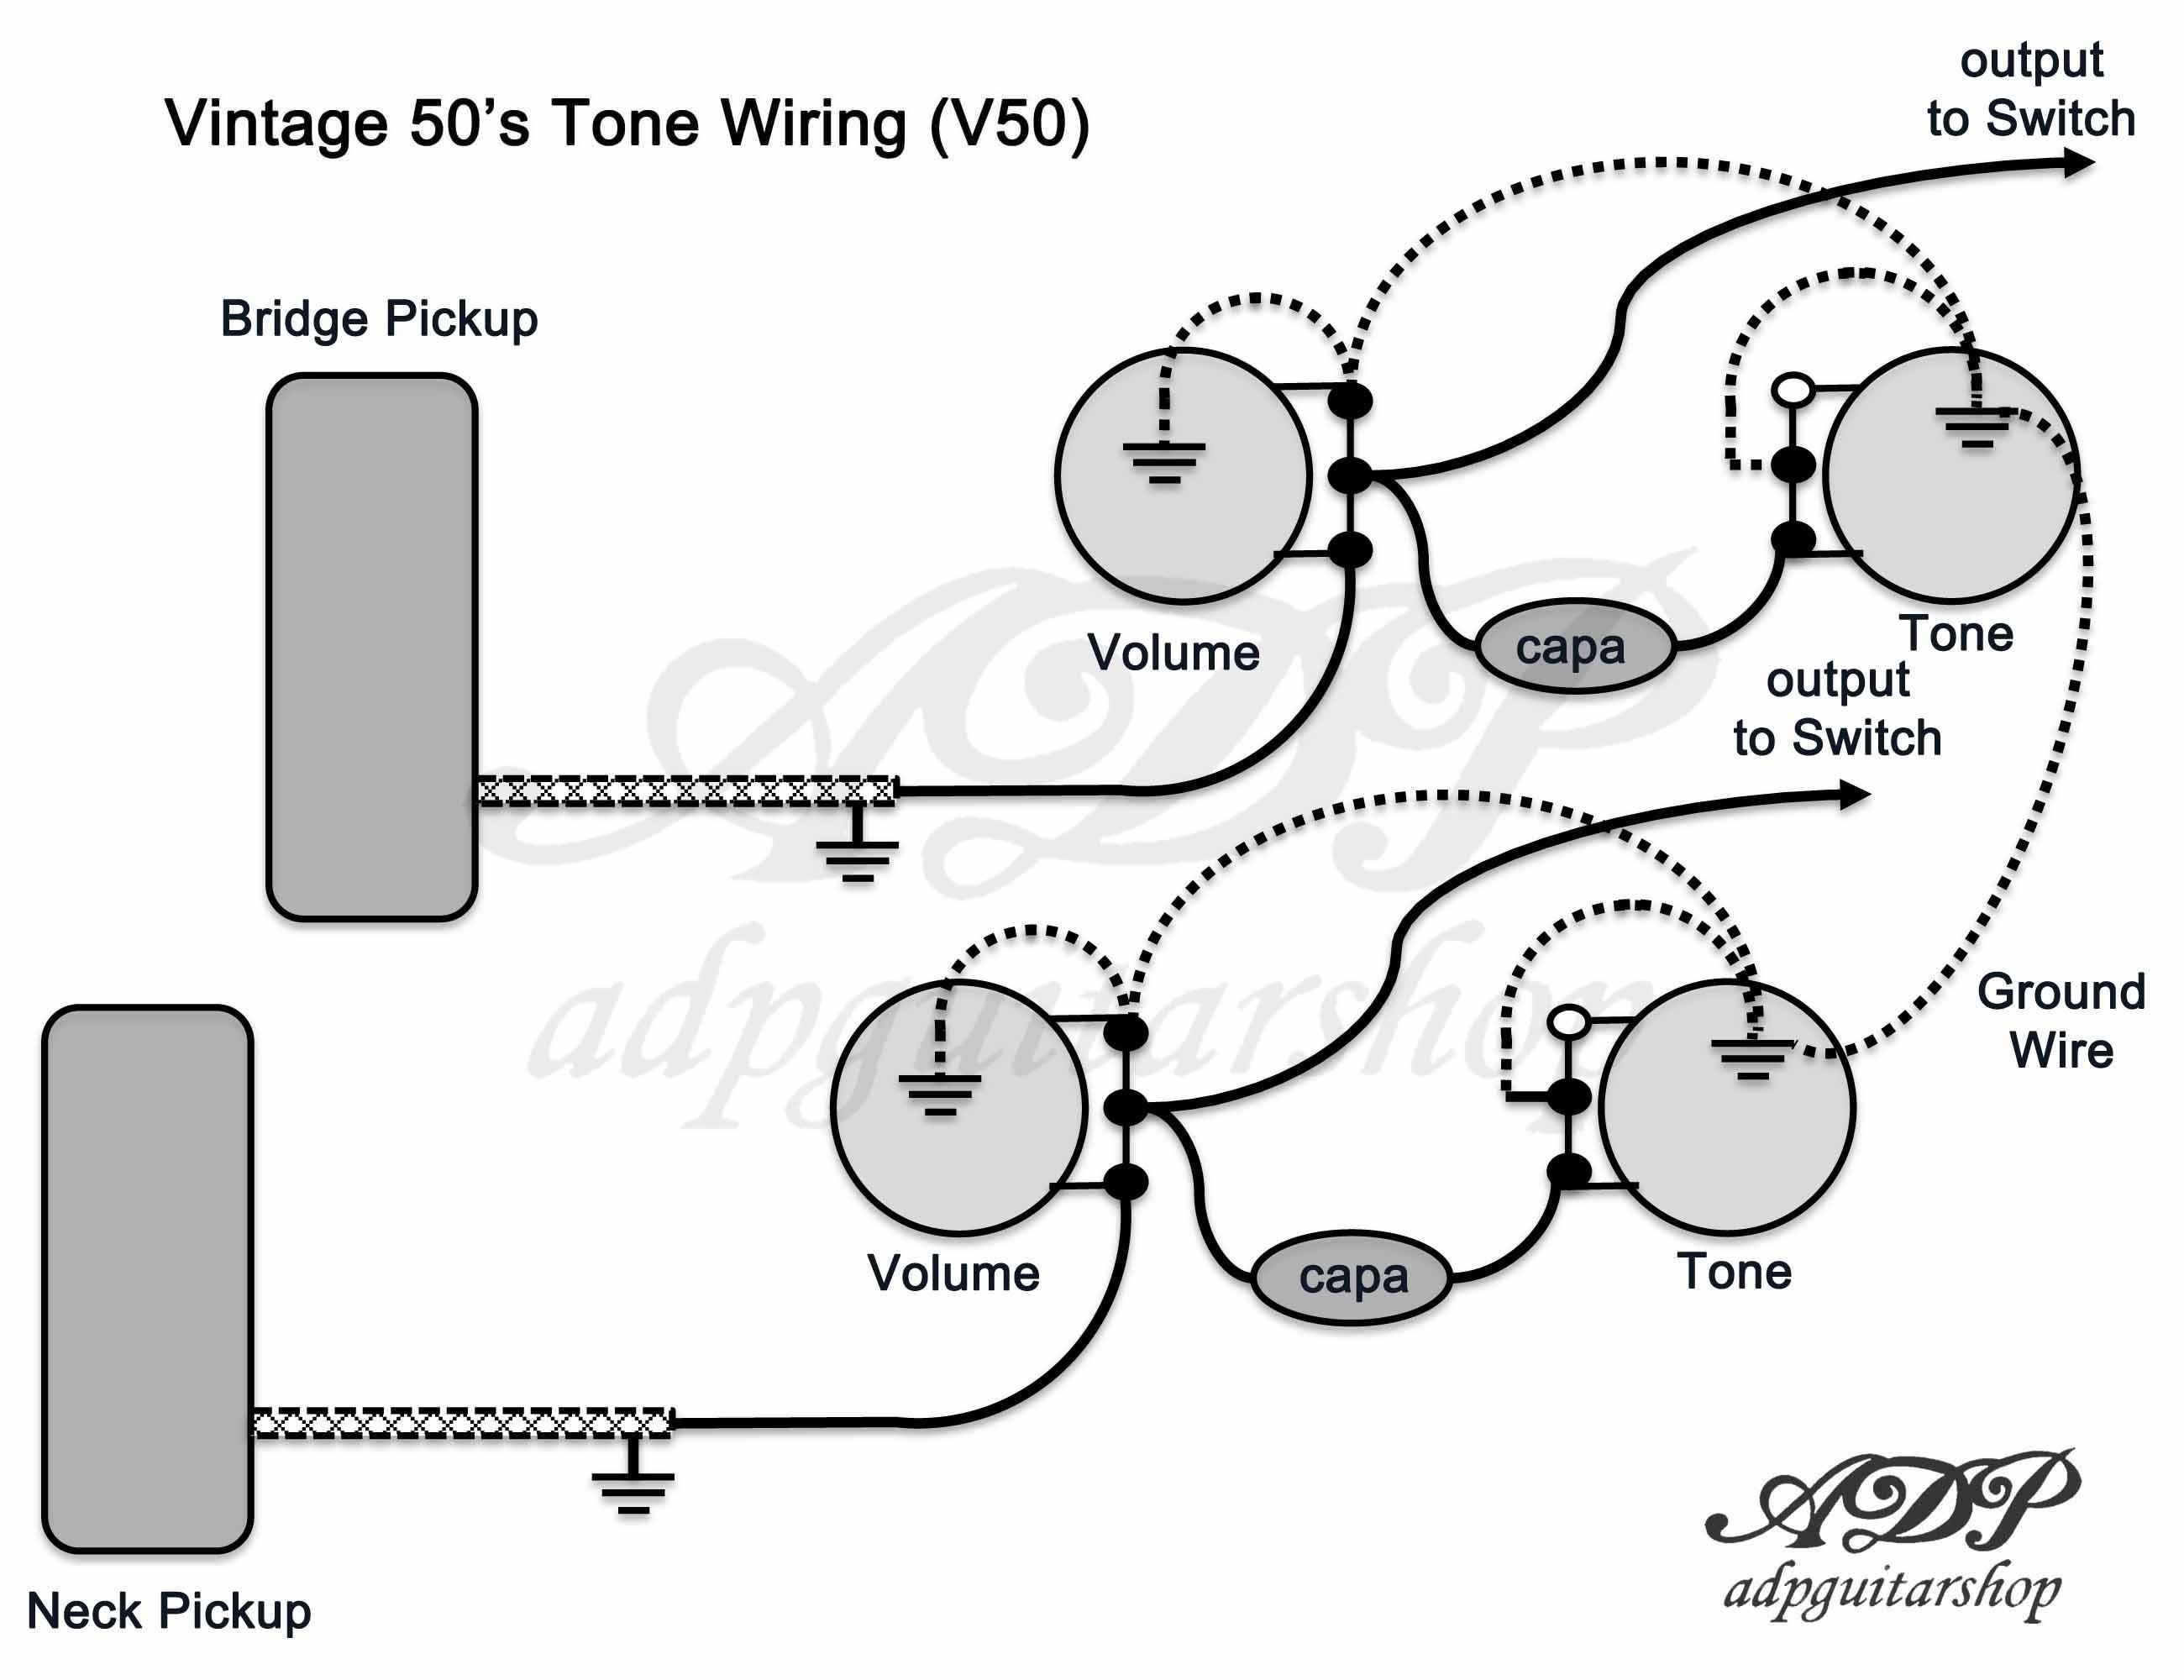 epiphone les paul special wiring diagram Download-Wiring Diagram Les Paul Awesome Save 50s Wiring Diagram Les Paul 10-h